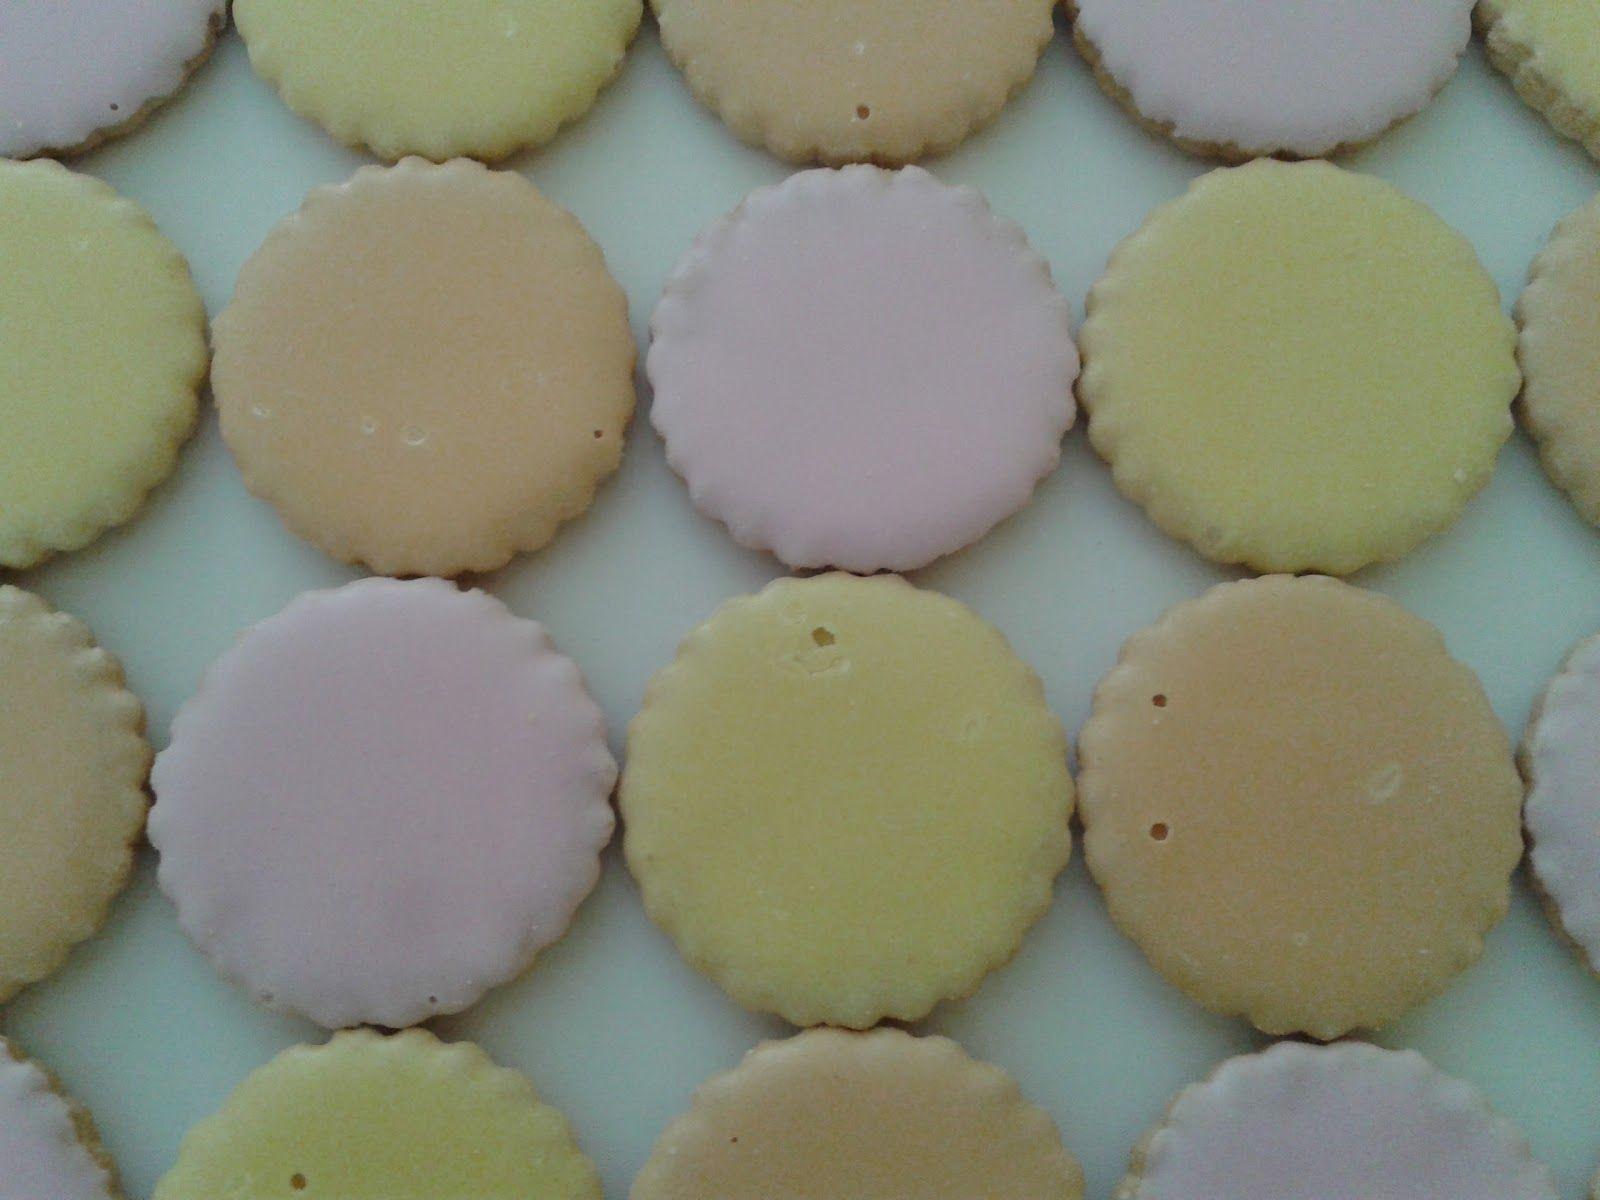 #likkoekjes#koekDie enorm zoete koekjes met fruitsmaak van vroeger en je ziet ze nu nog